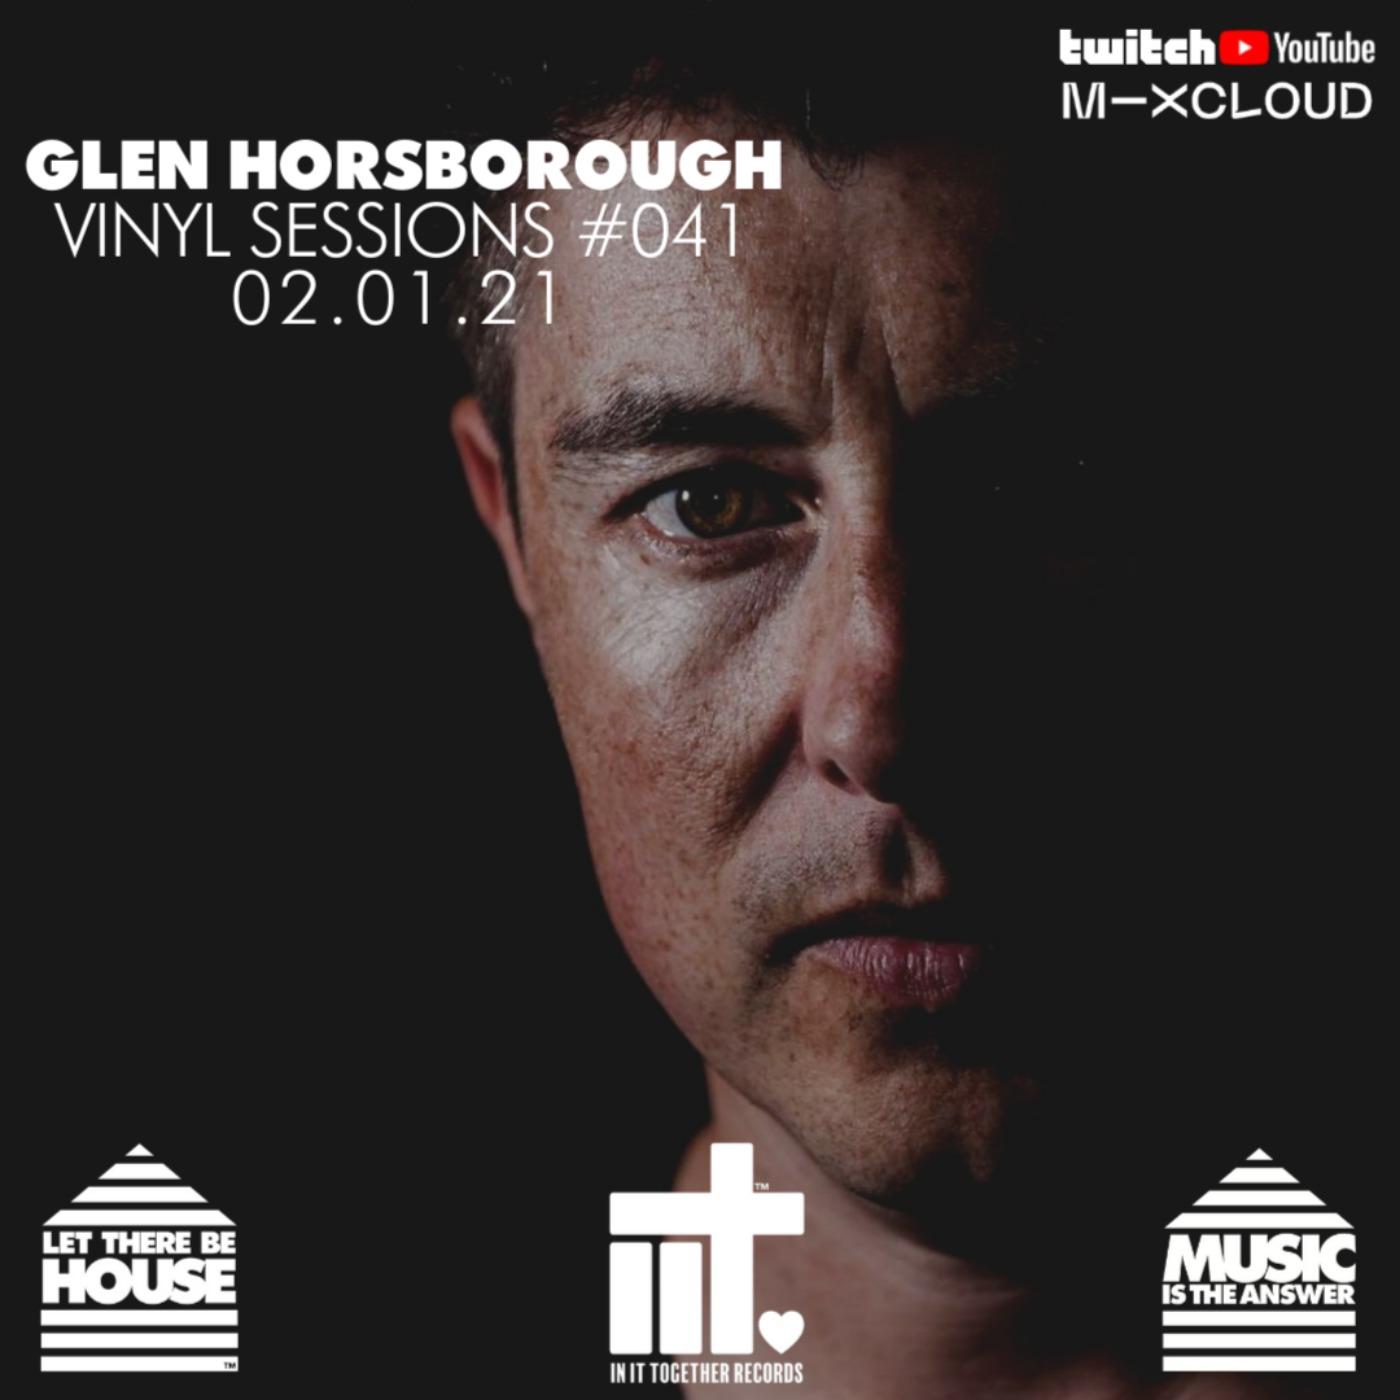 Glen Horsborough Vinyl Sessions #041